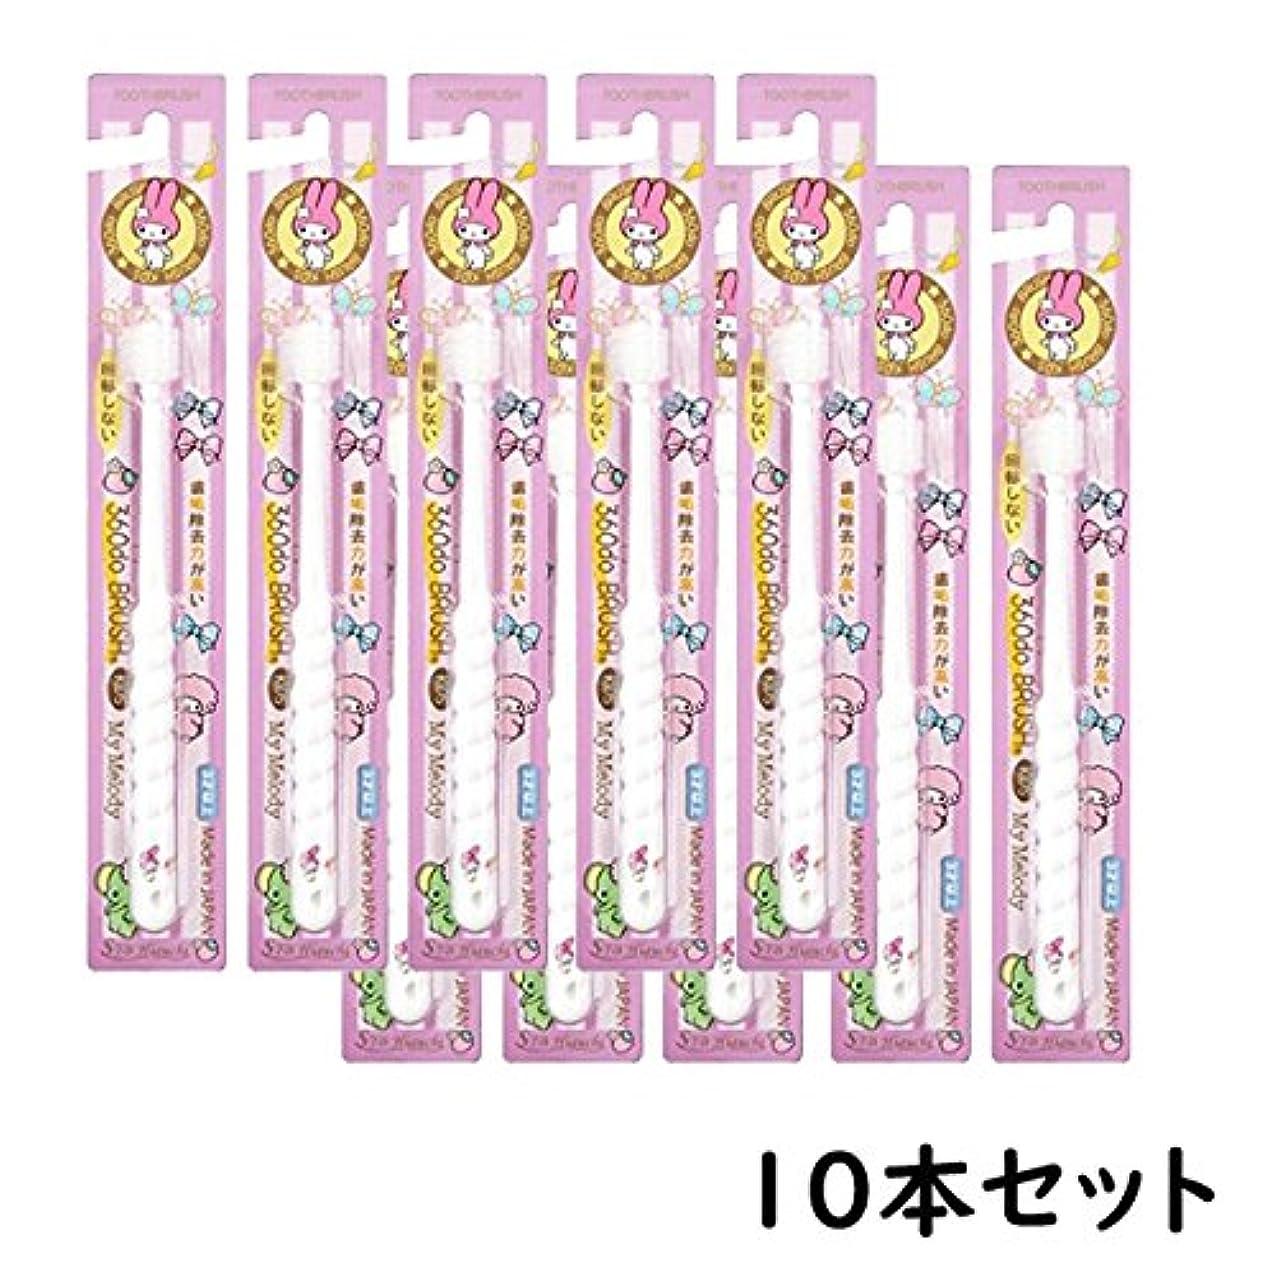 360度歯ブラシ 360do BRUSH たんぽぽの種キッズ マイメロディ (10本)